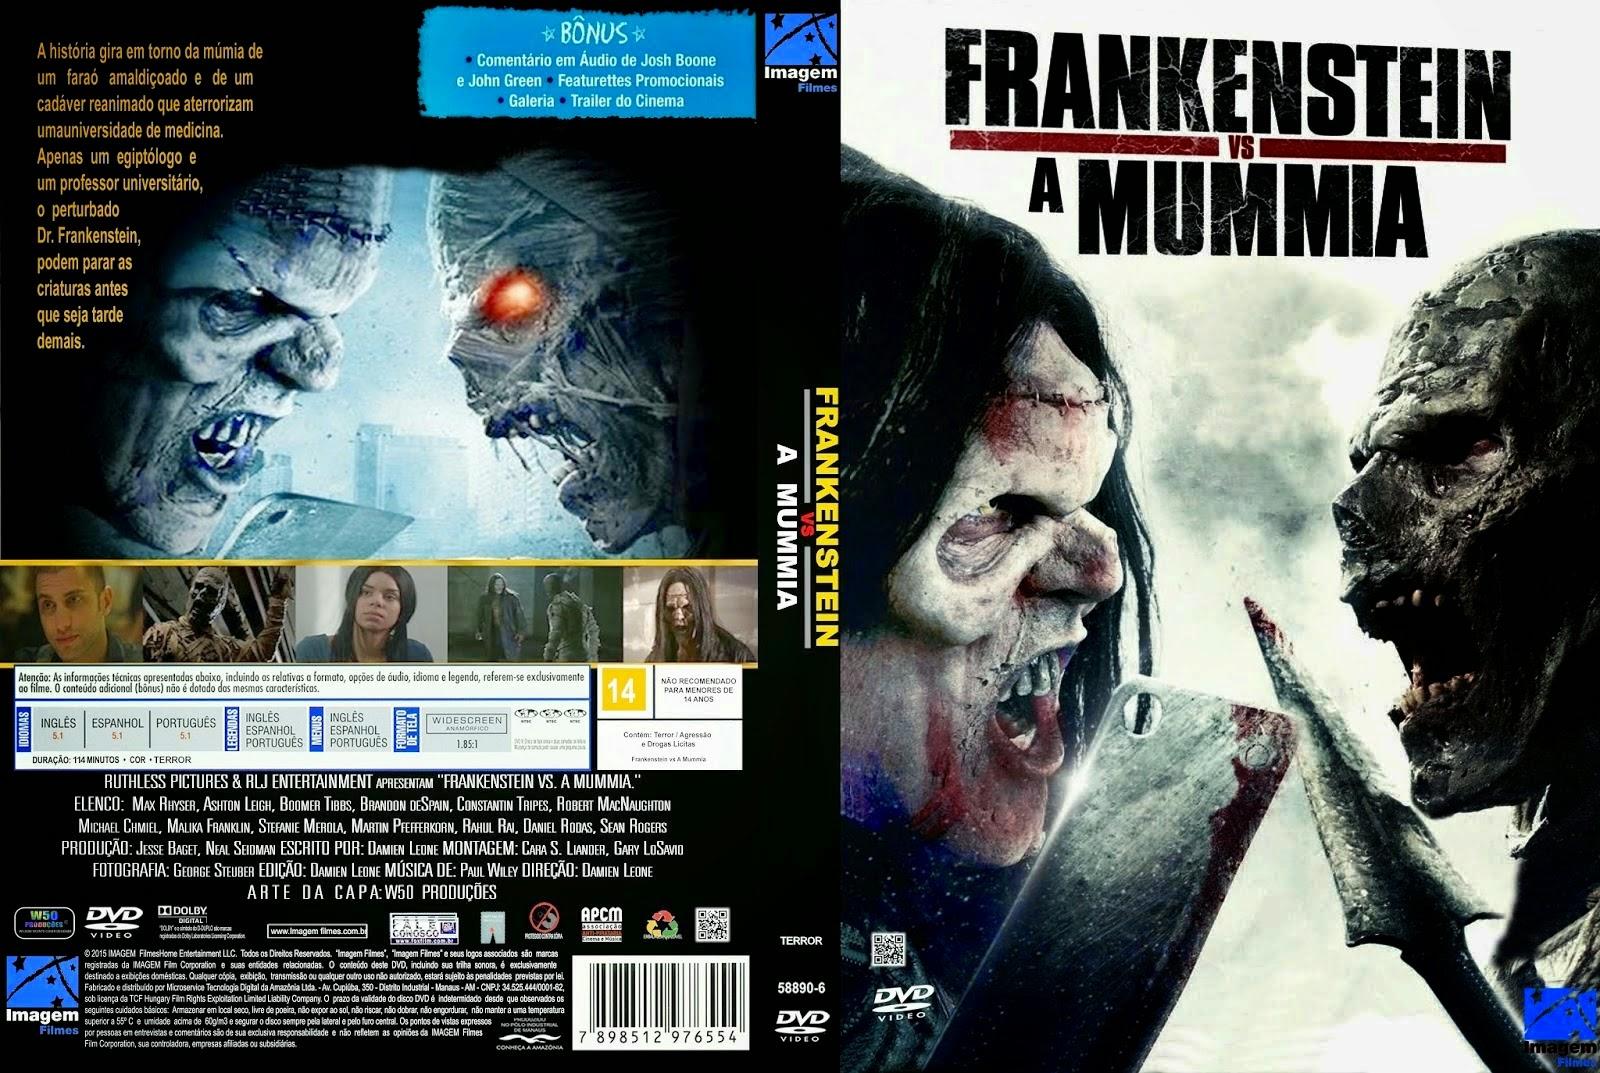 Download Frankenstein Vs.a Múmia DVDRip XviD Dual Áudio Frankenstein 2BVs